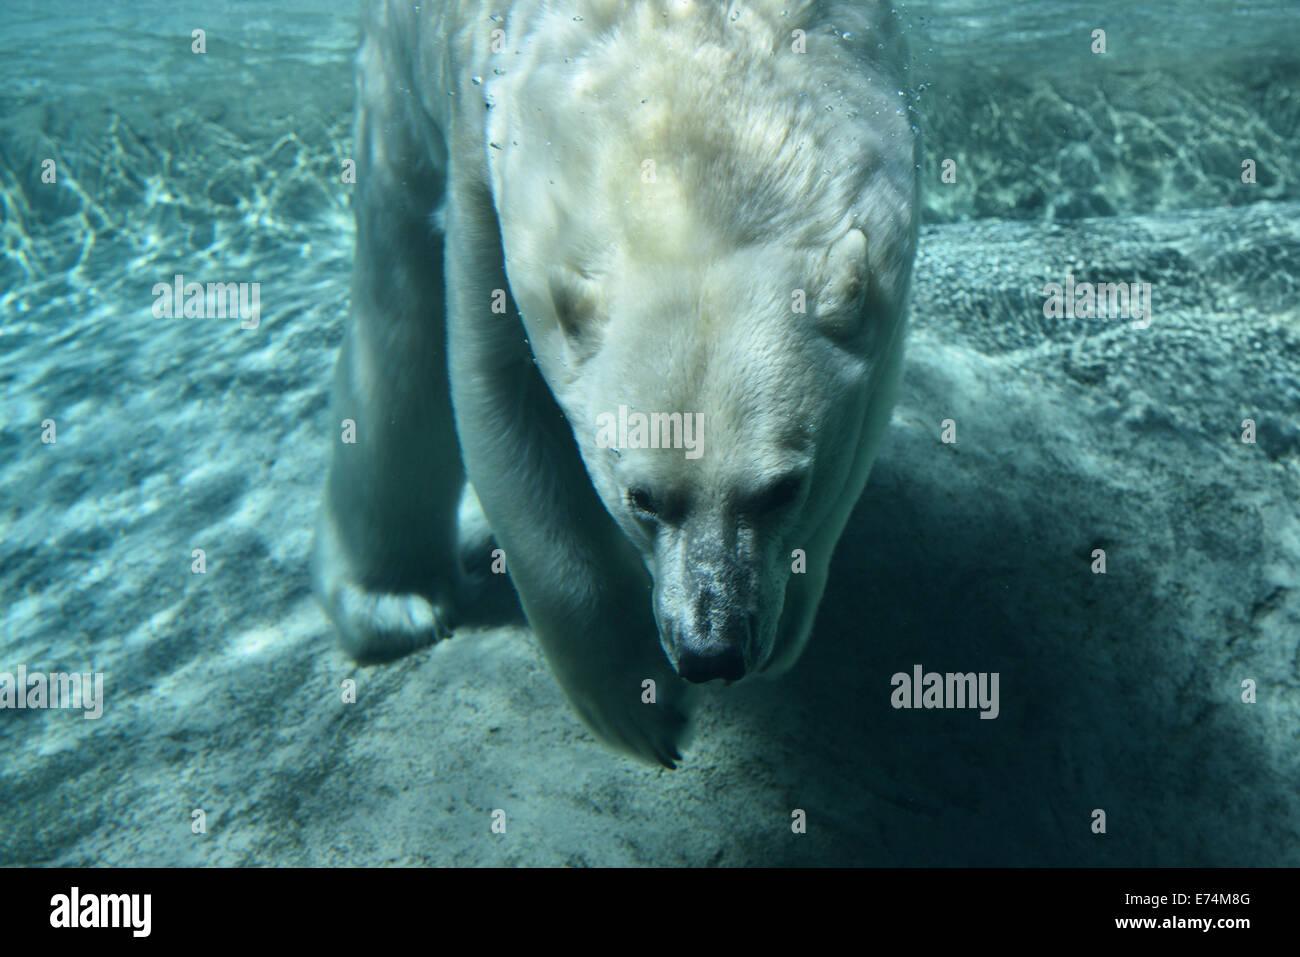 L'ours polaire sous-marine plongée apnée à blue pool de toronto zoo Photo Stock